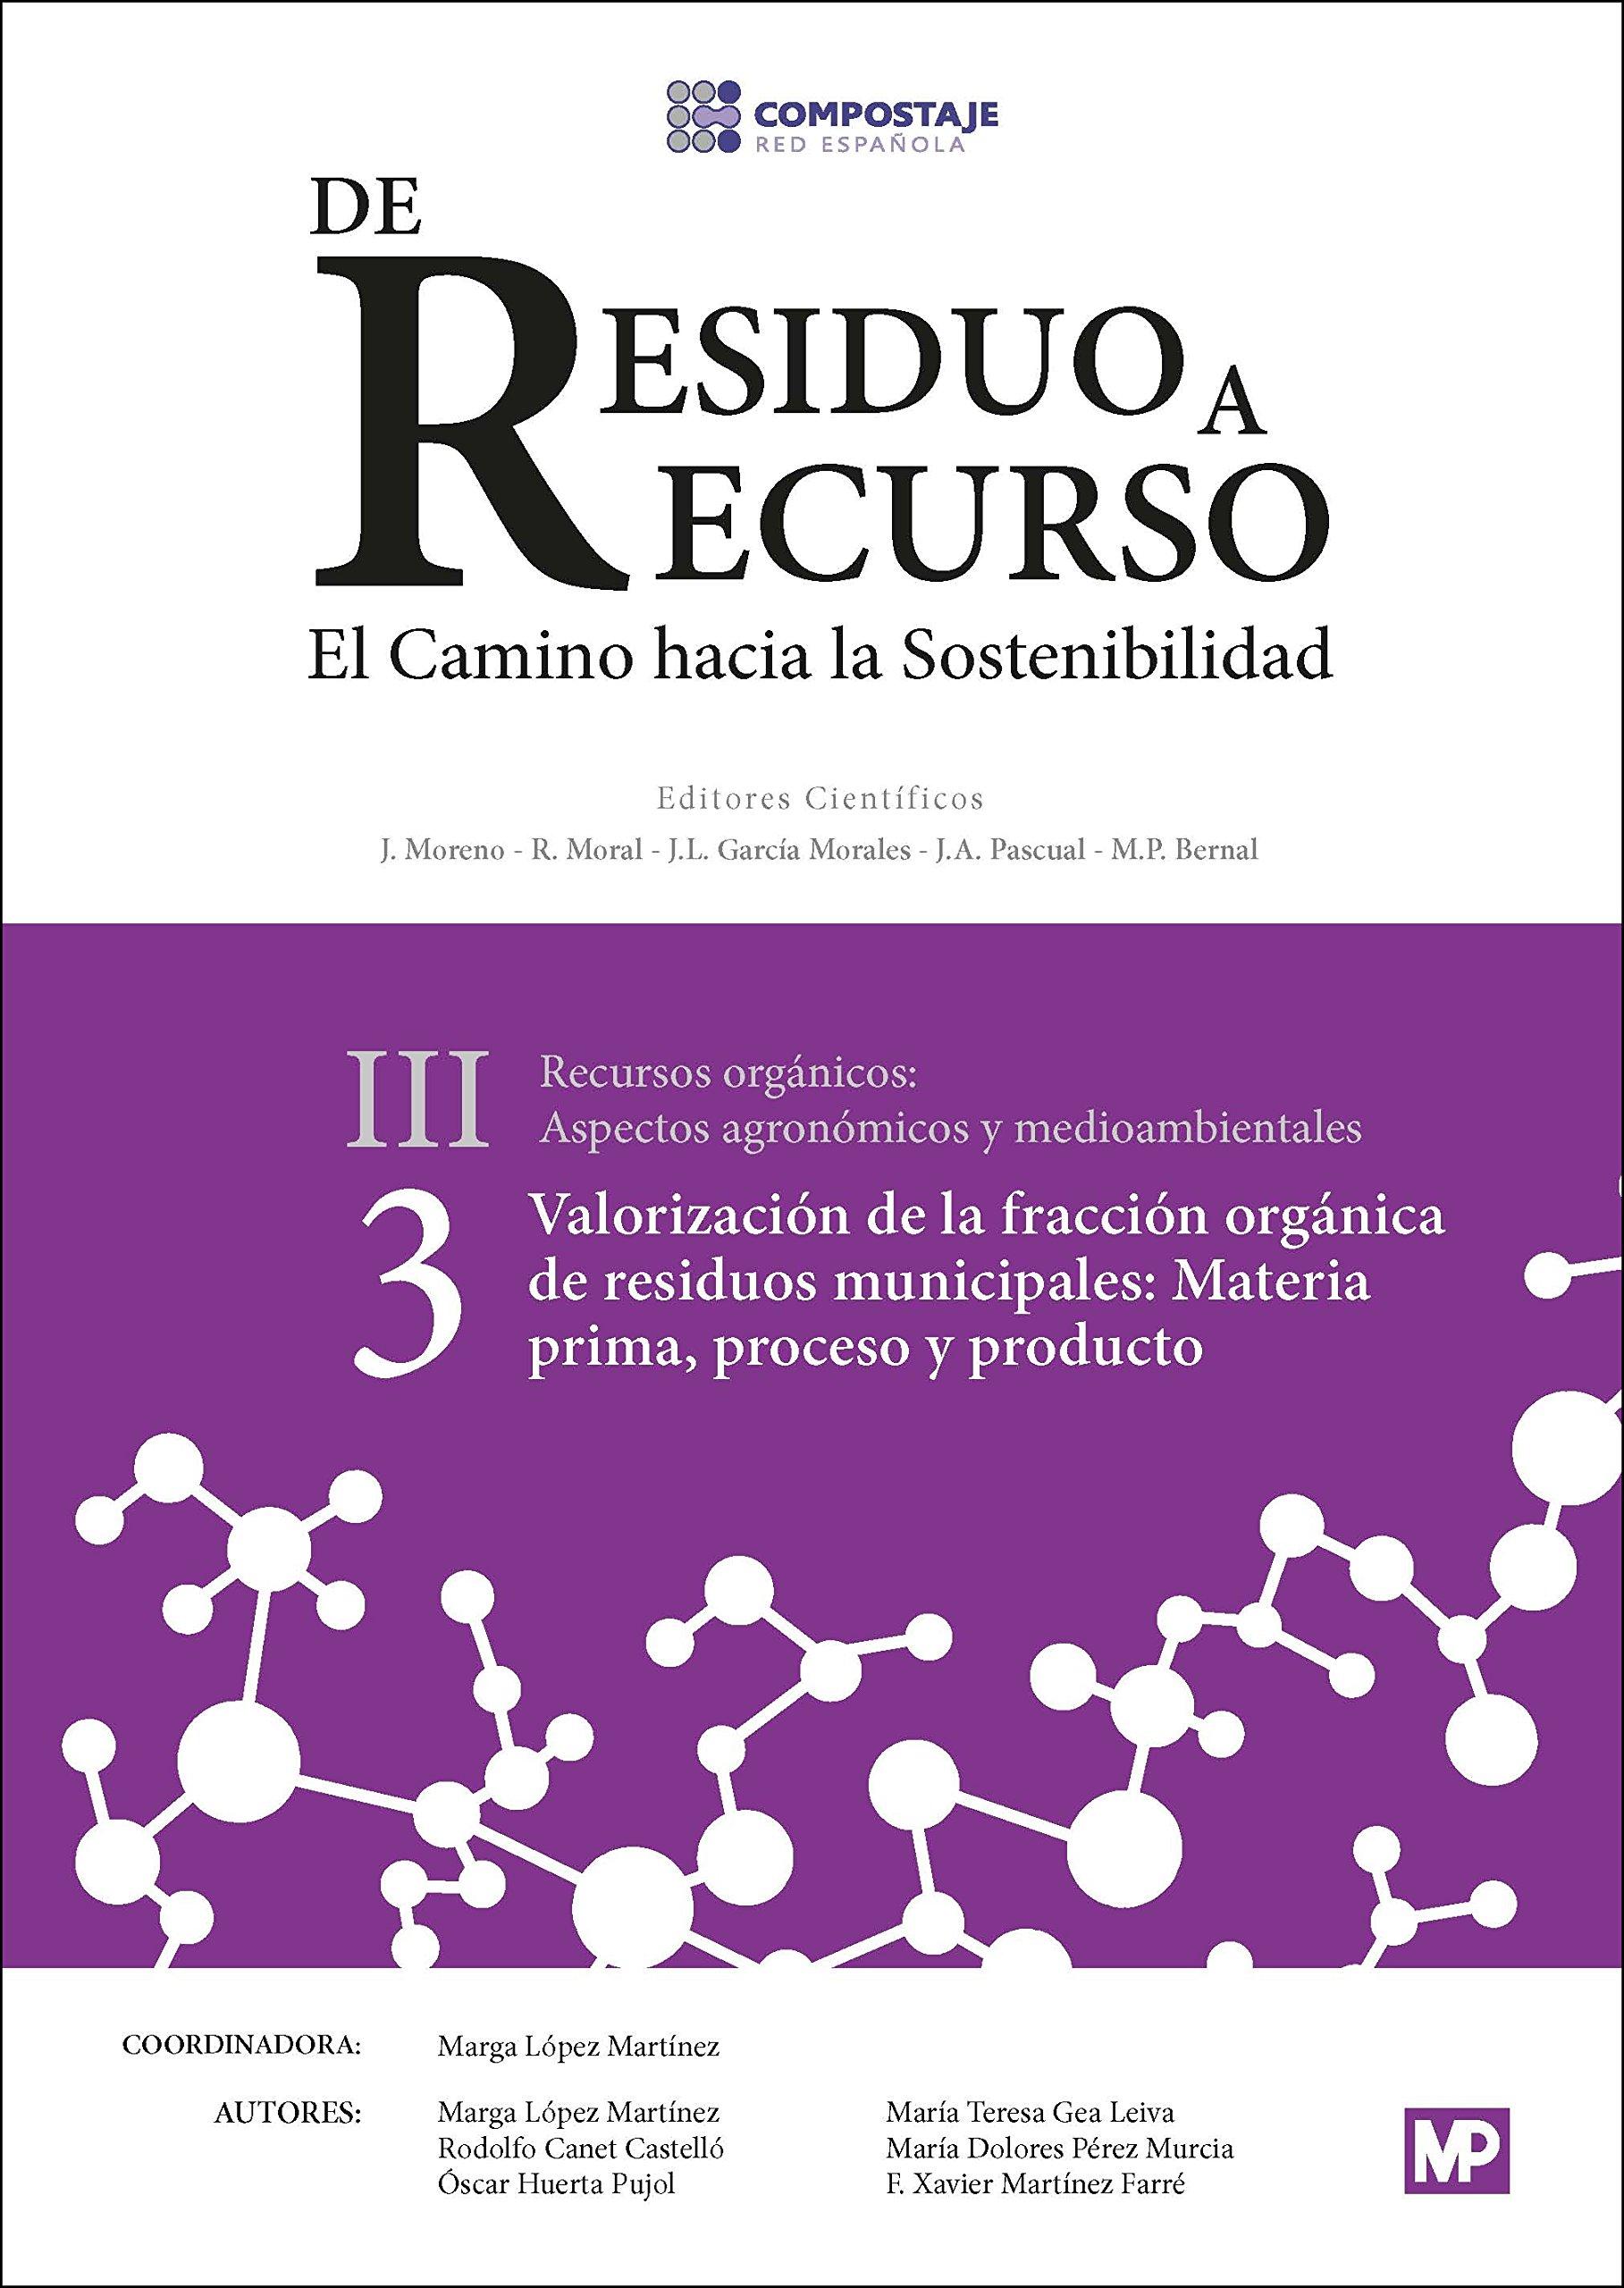 Valoración de la fracción orgánica de residuos municipales: materia prima, proceso y producto III.3 Medio Ambiente: Amazon.es: RED ESPAÑOLA DE COMPOSTAJE: Libros